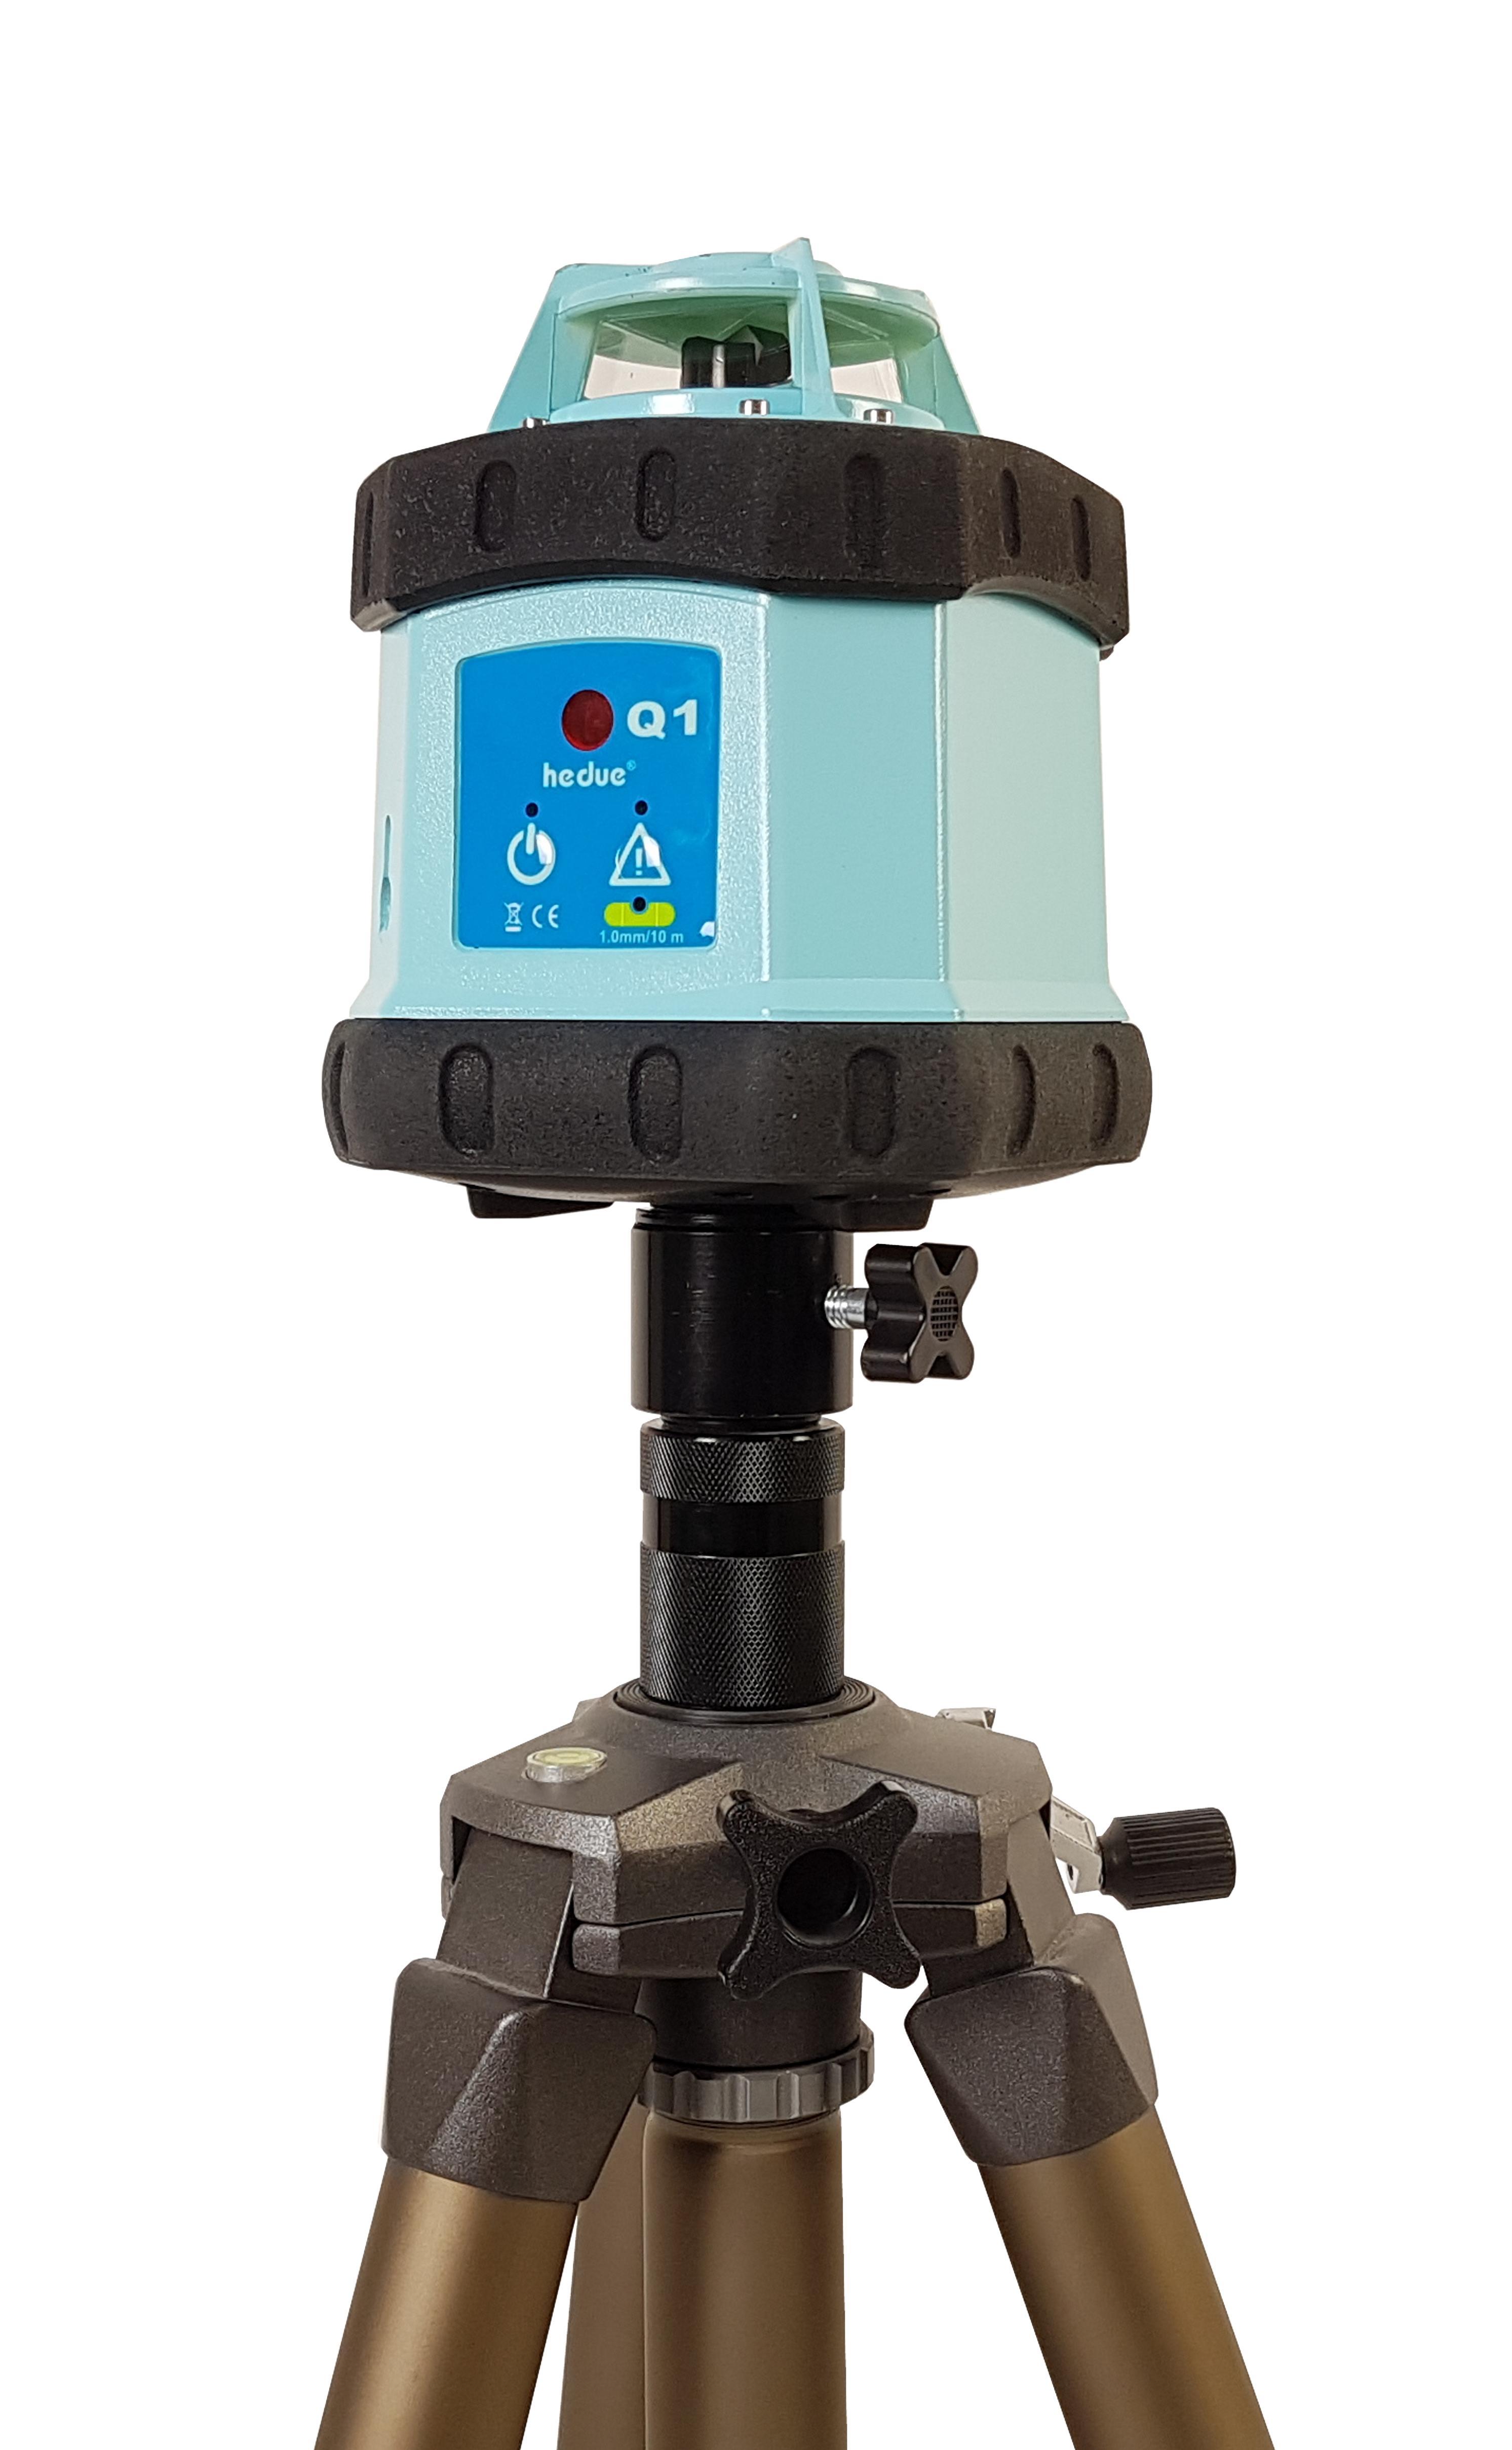 Laser rotatif hedue Q1 en cas de